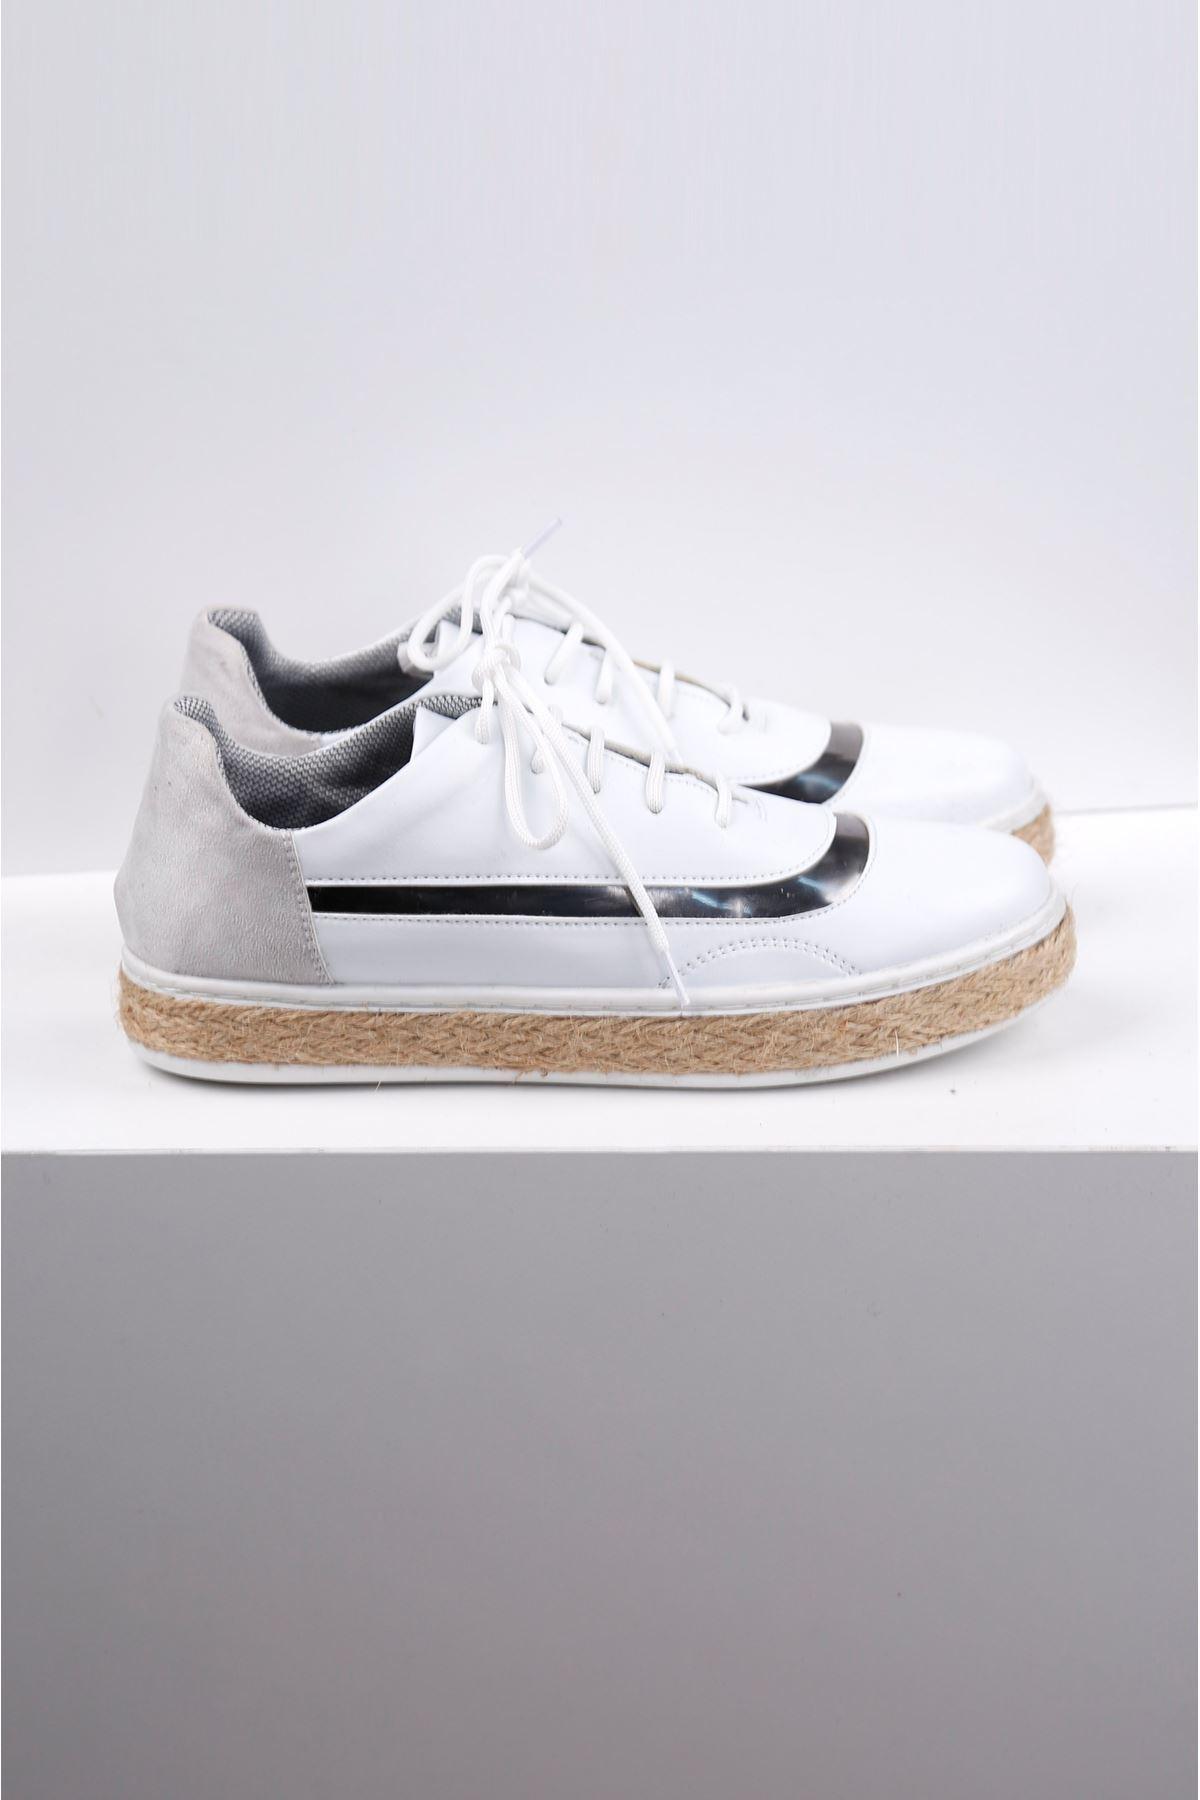 WICKER Beyaz Hasır Taban Spor Ayakkabı